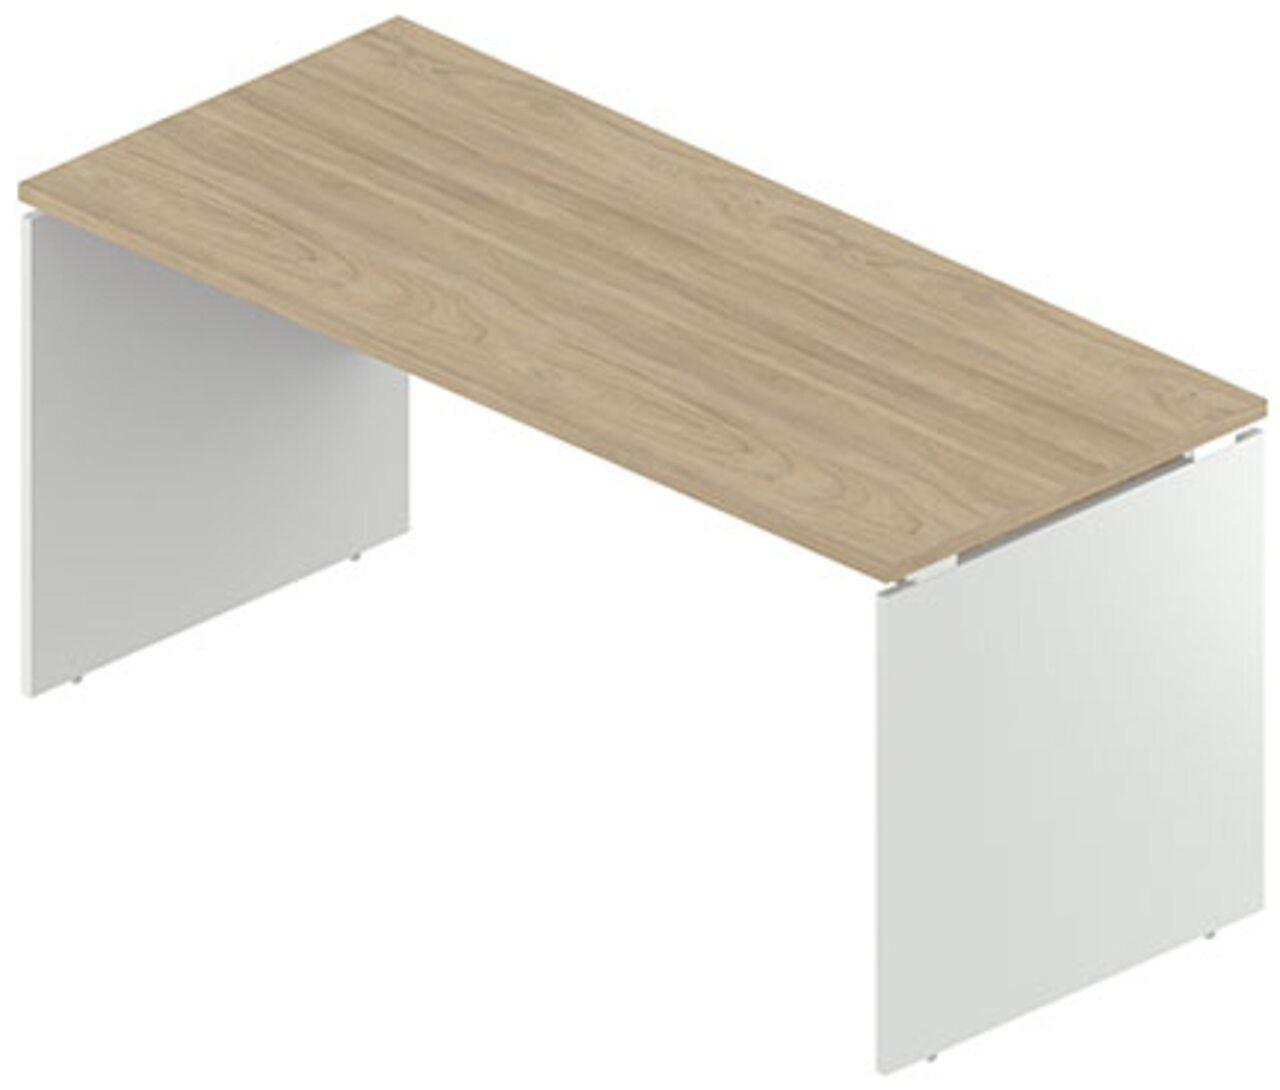 Стол прямой  Rio 160x70x75 - фото 4